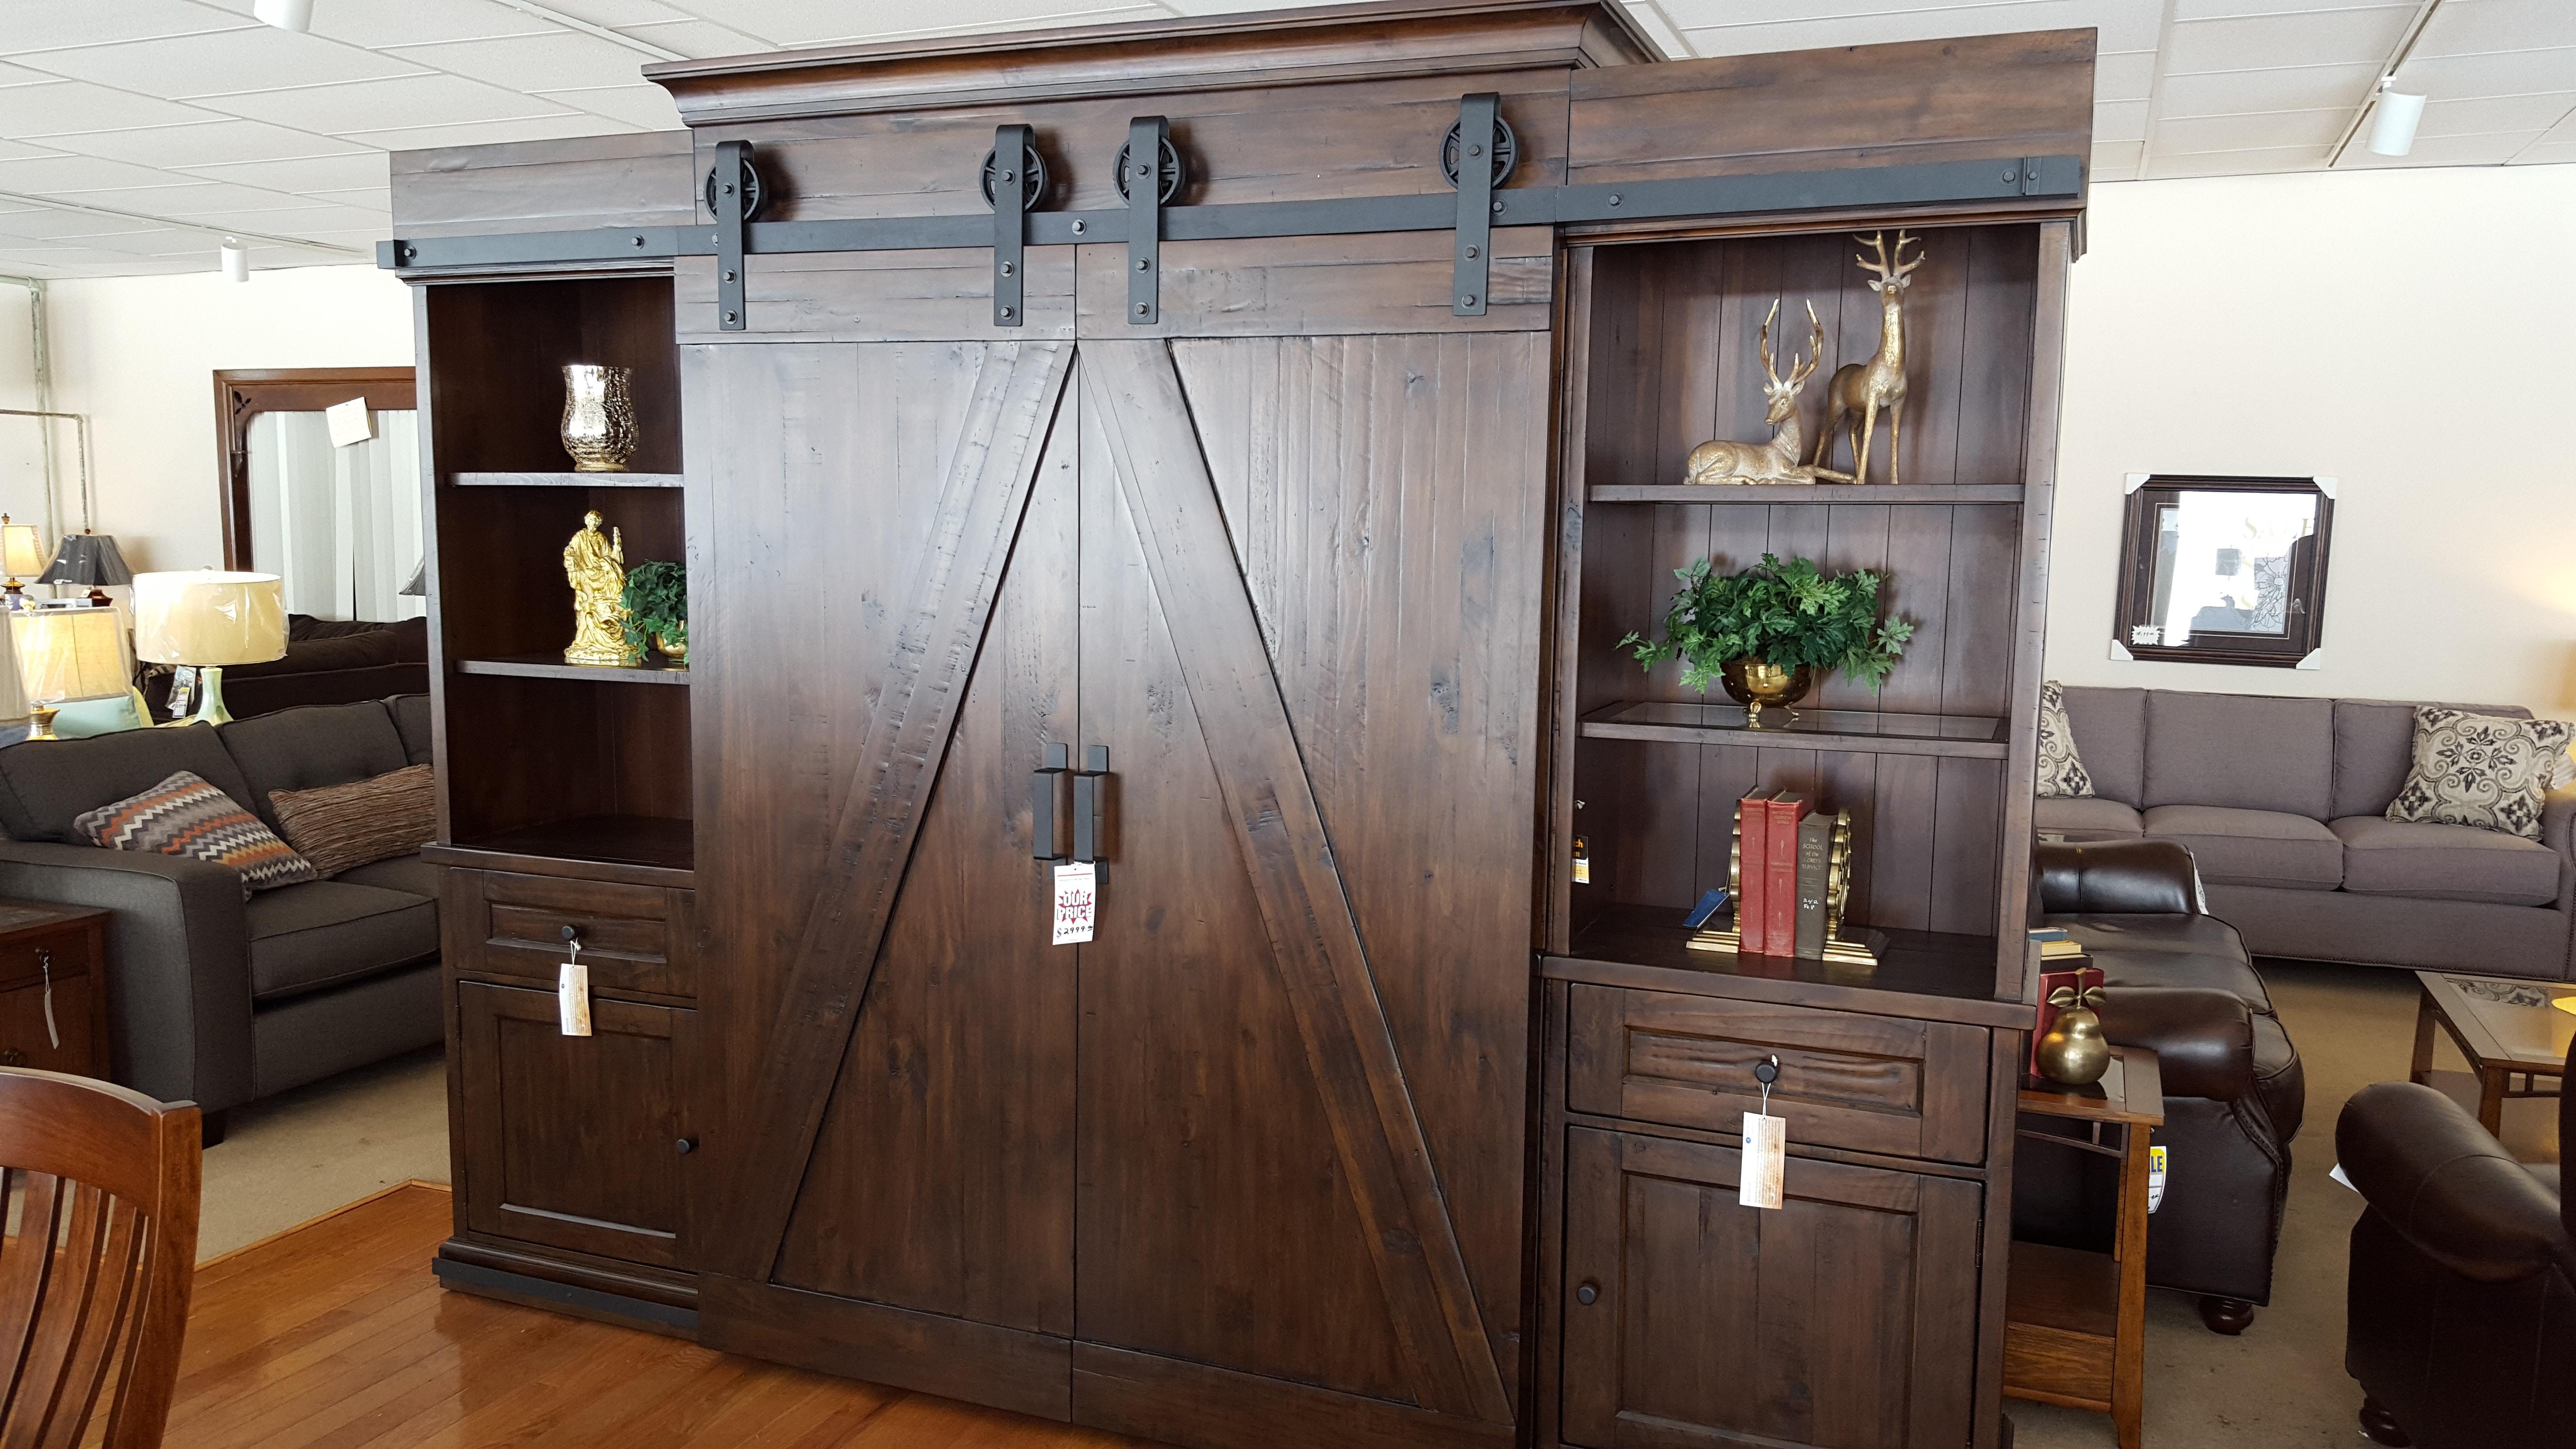 Inspirational Wood Barn Door Storage Cabinet